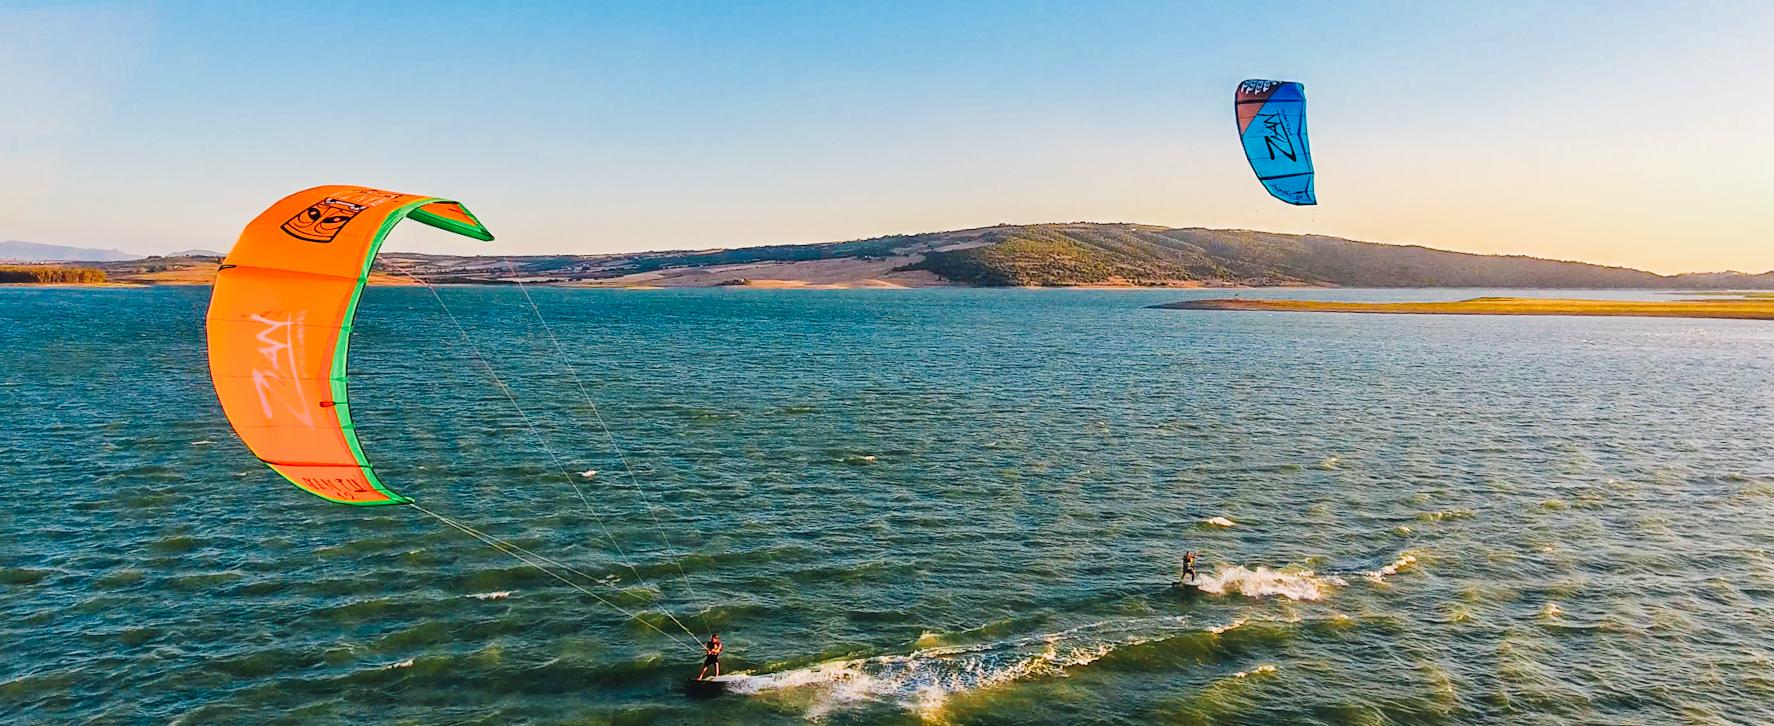 Kitesurfing in a lagoon